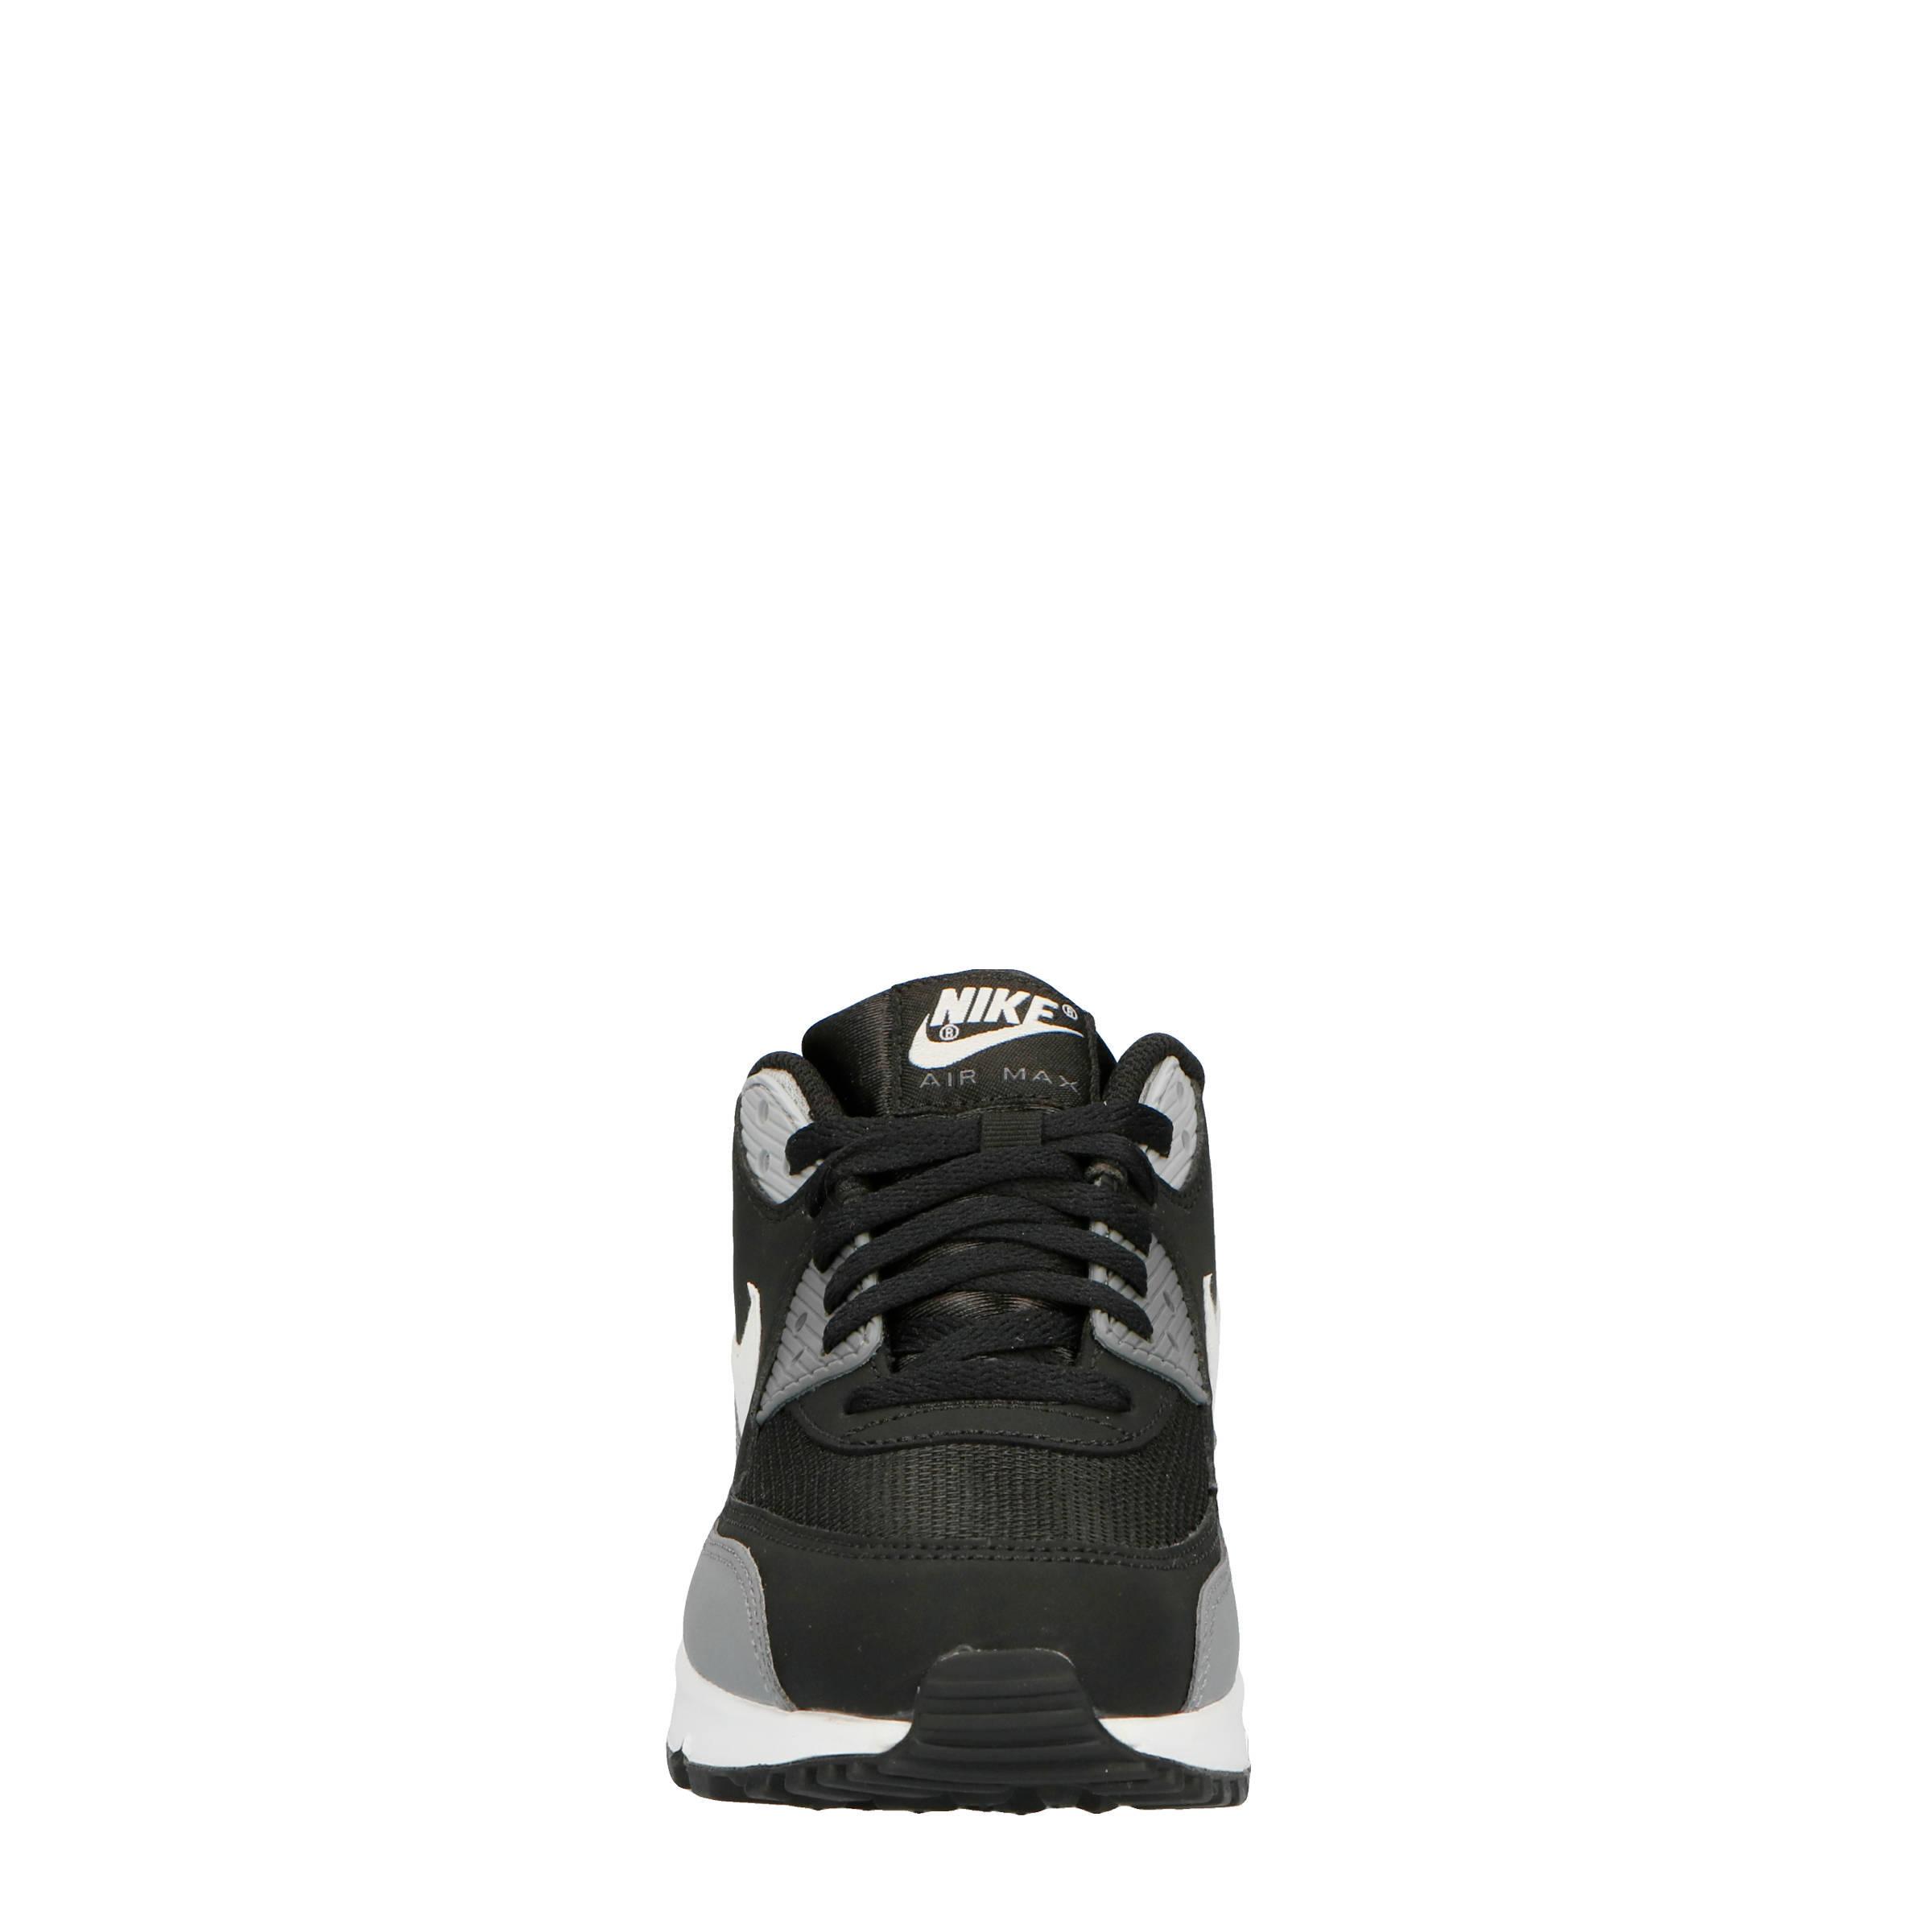 best service 67f74 73338 Nike Air Max 90 Essential sneakers   wehkamp